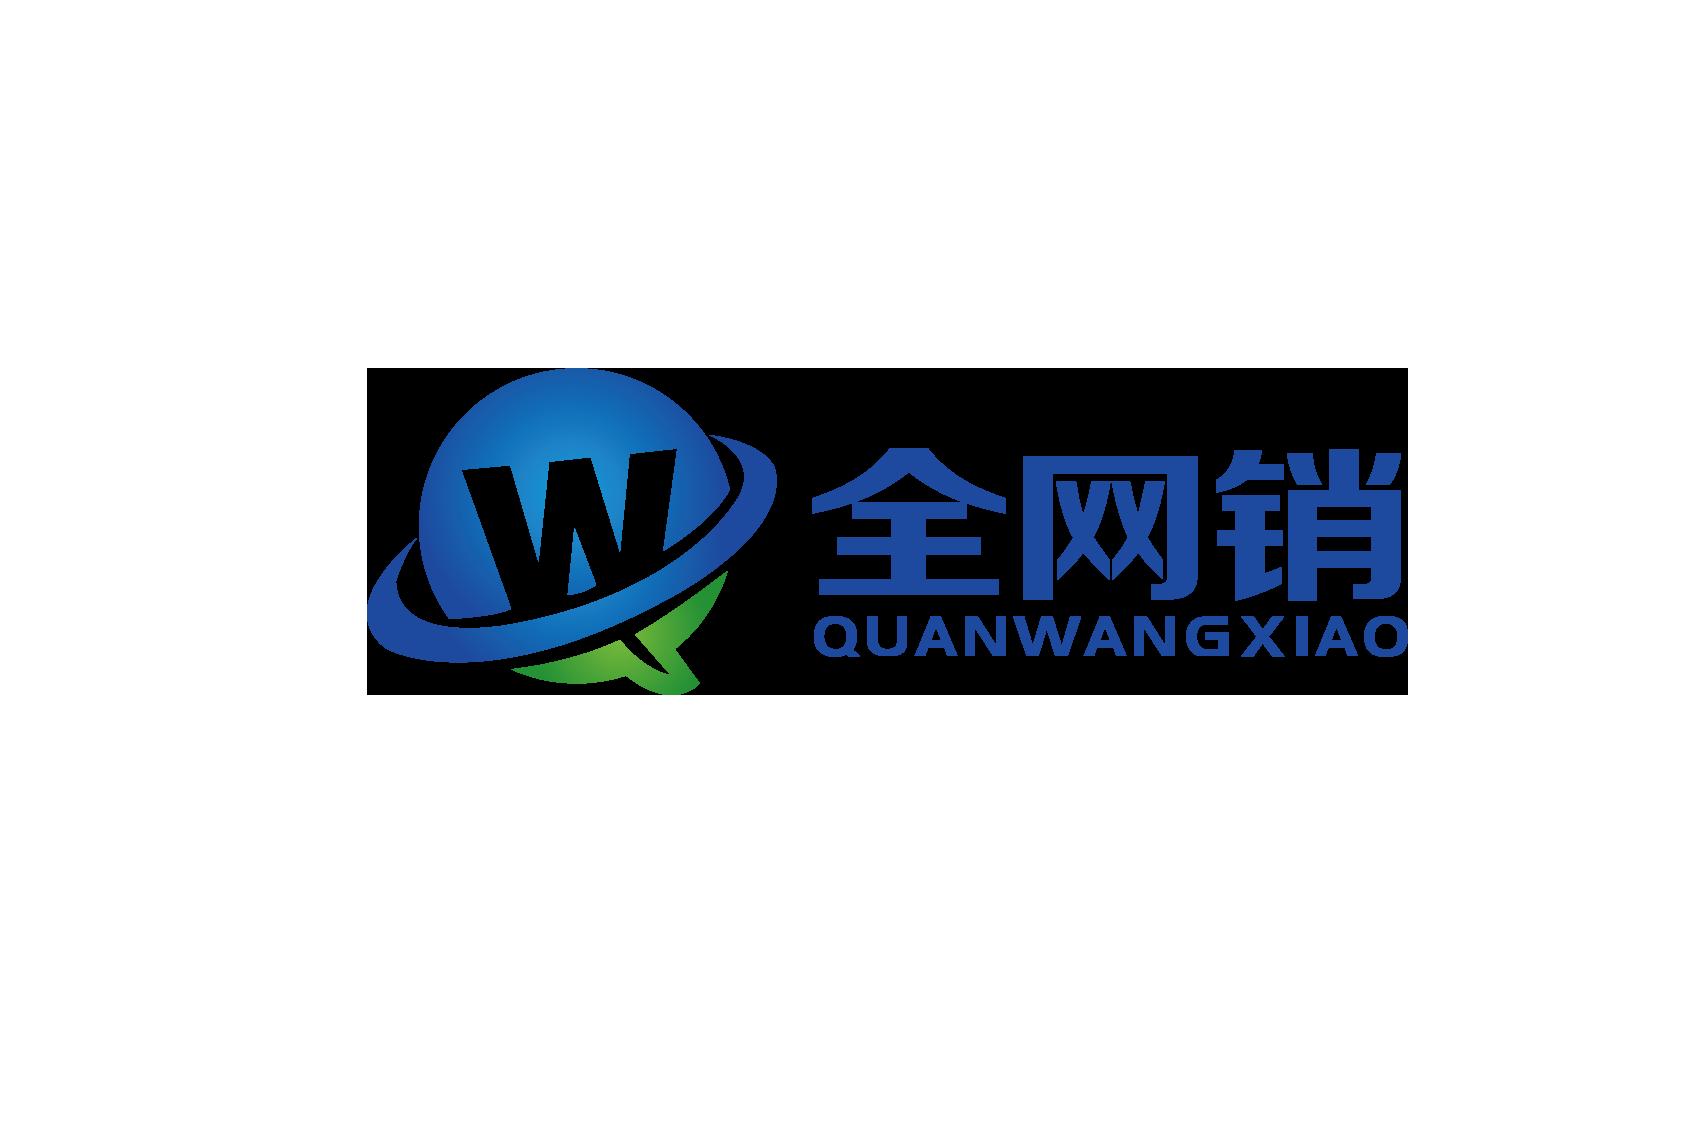 武汉全网销网络有限公司logo